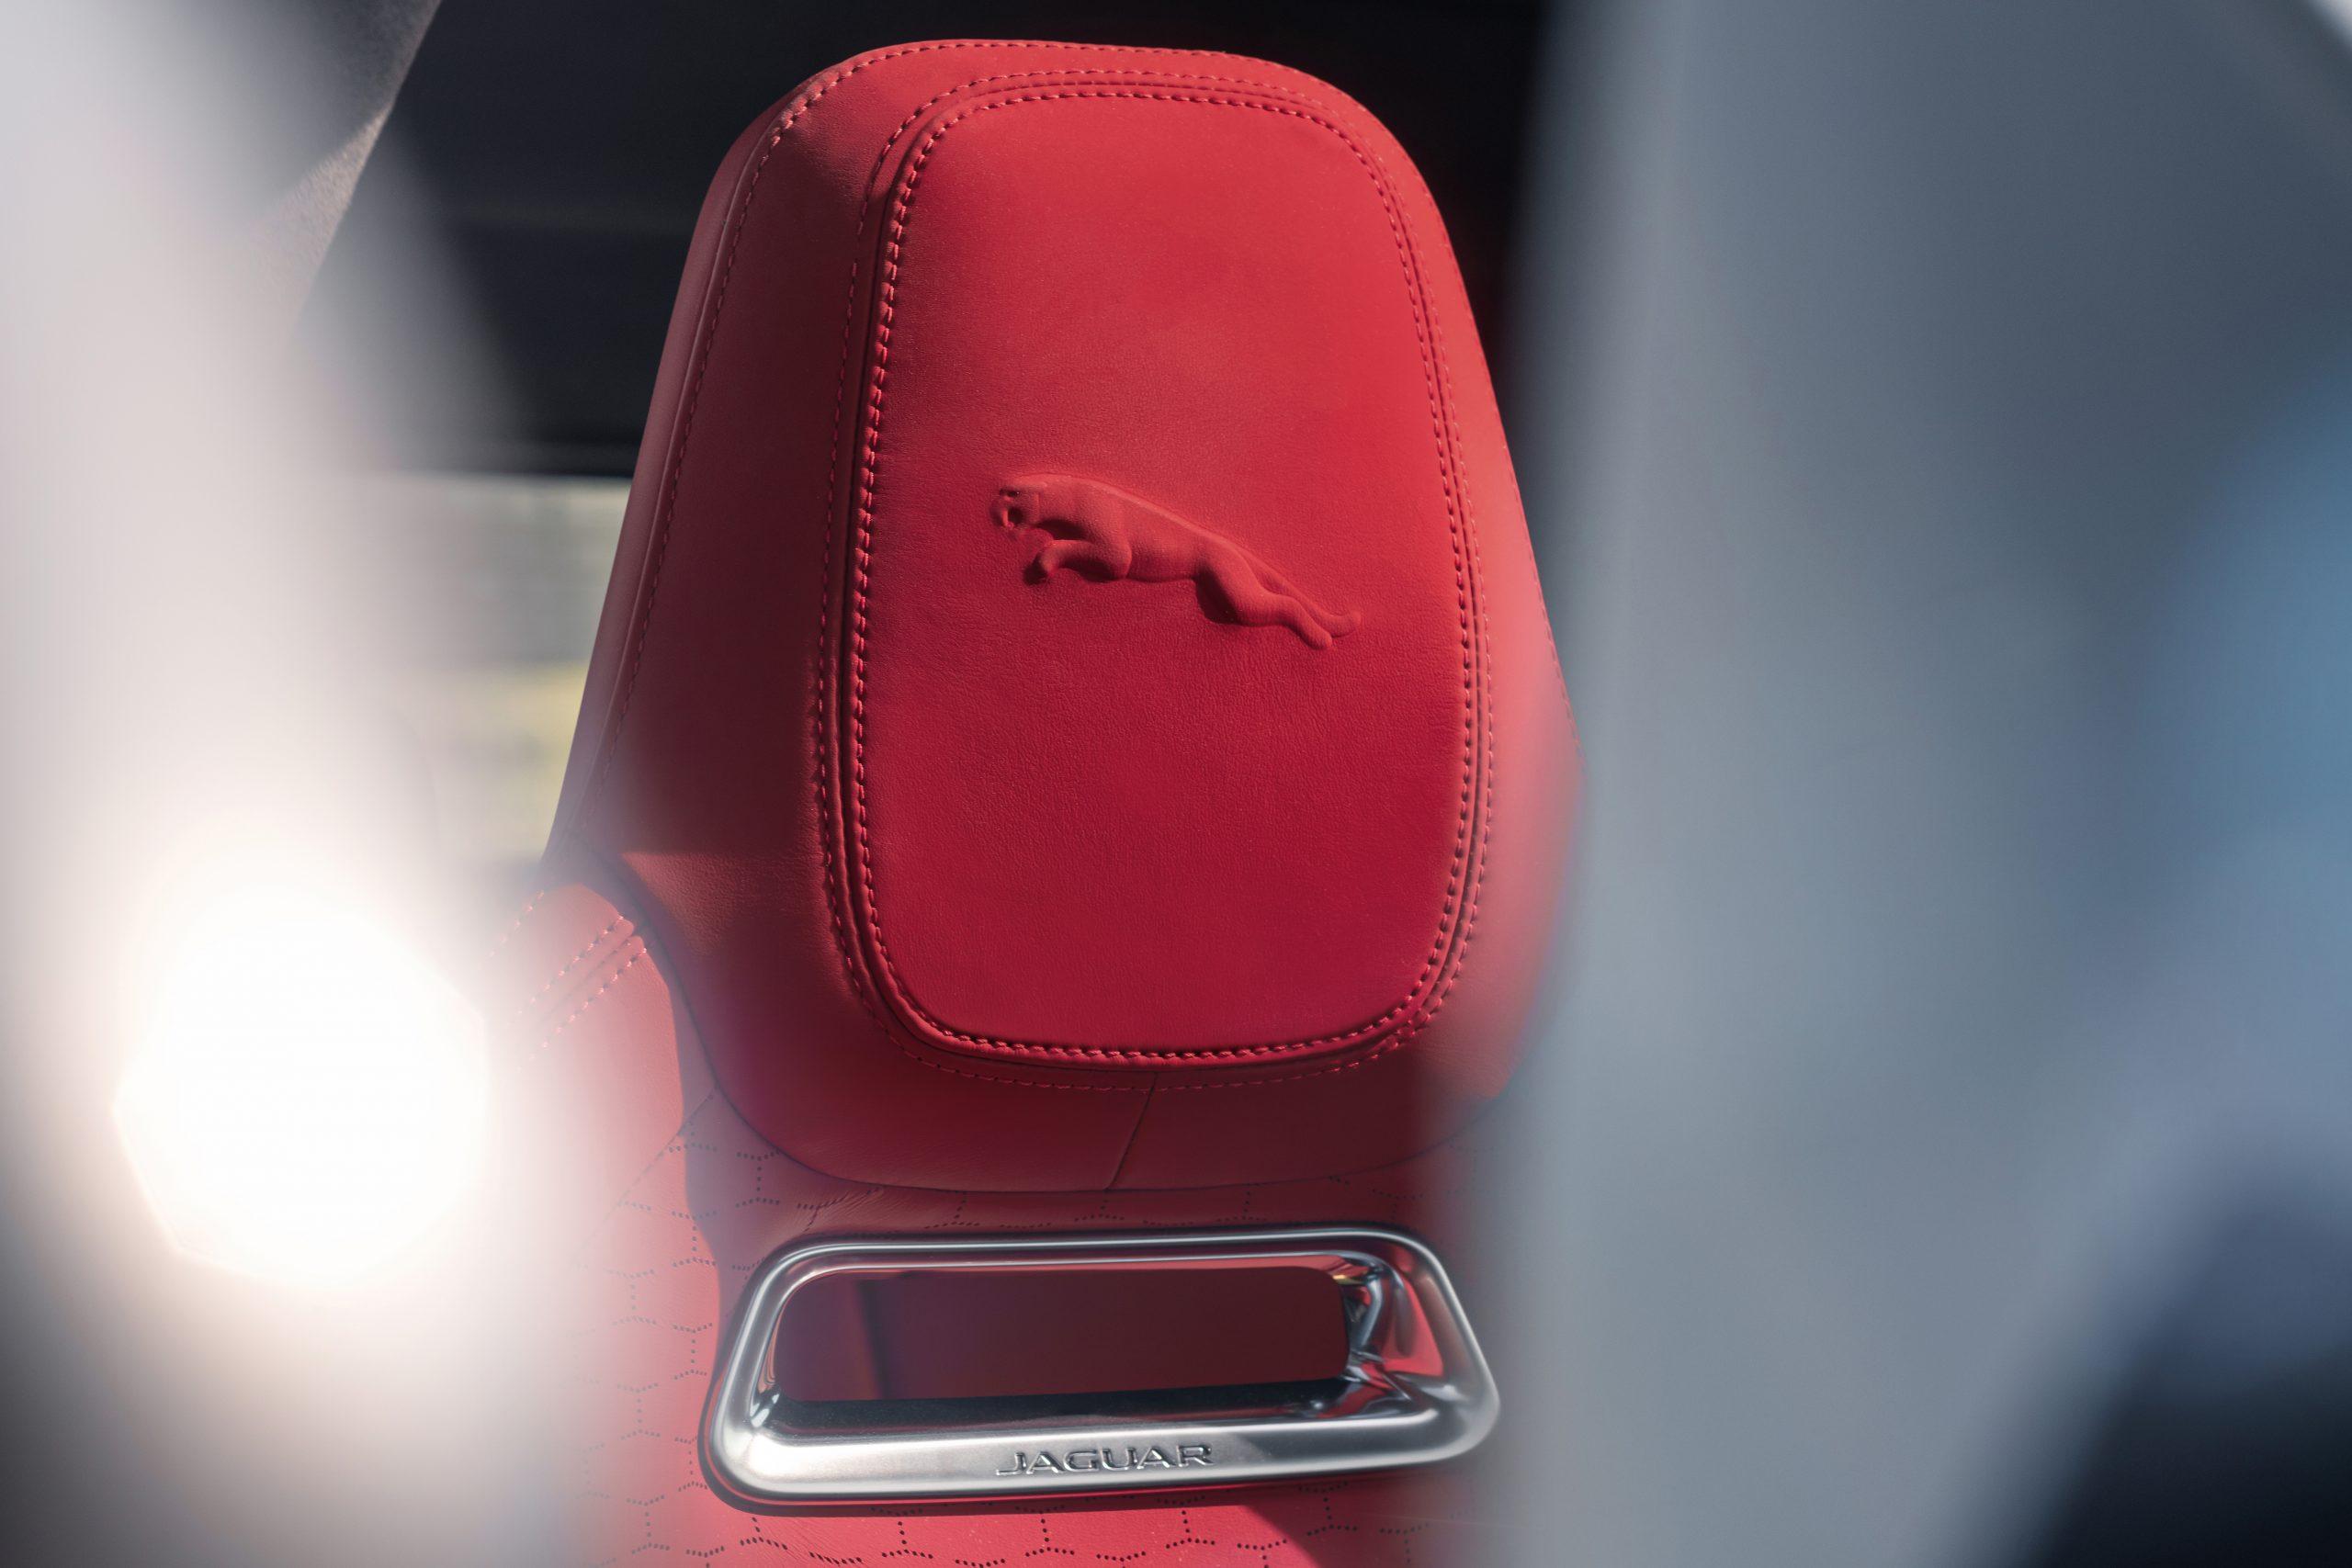 2021 Jaguar F-PACE head rest seat detail leaper